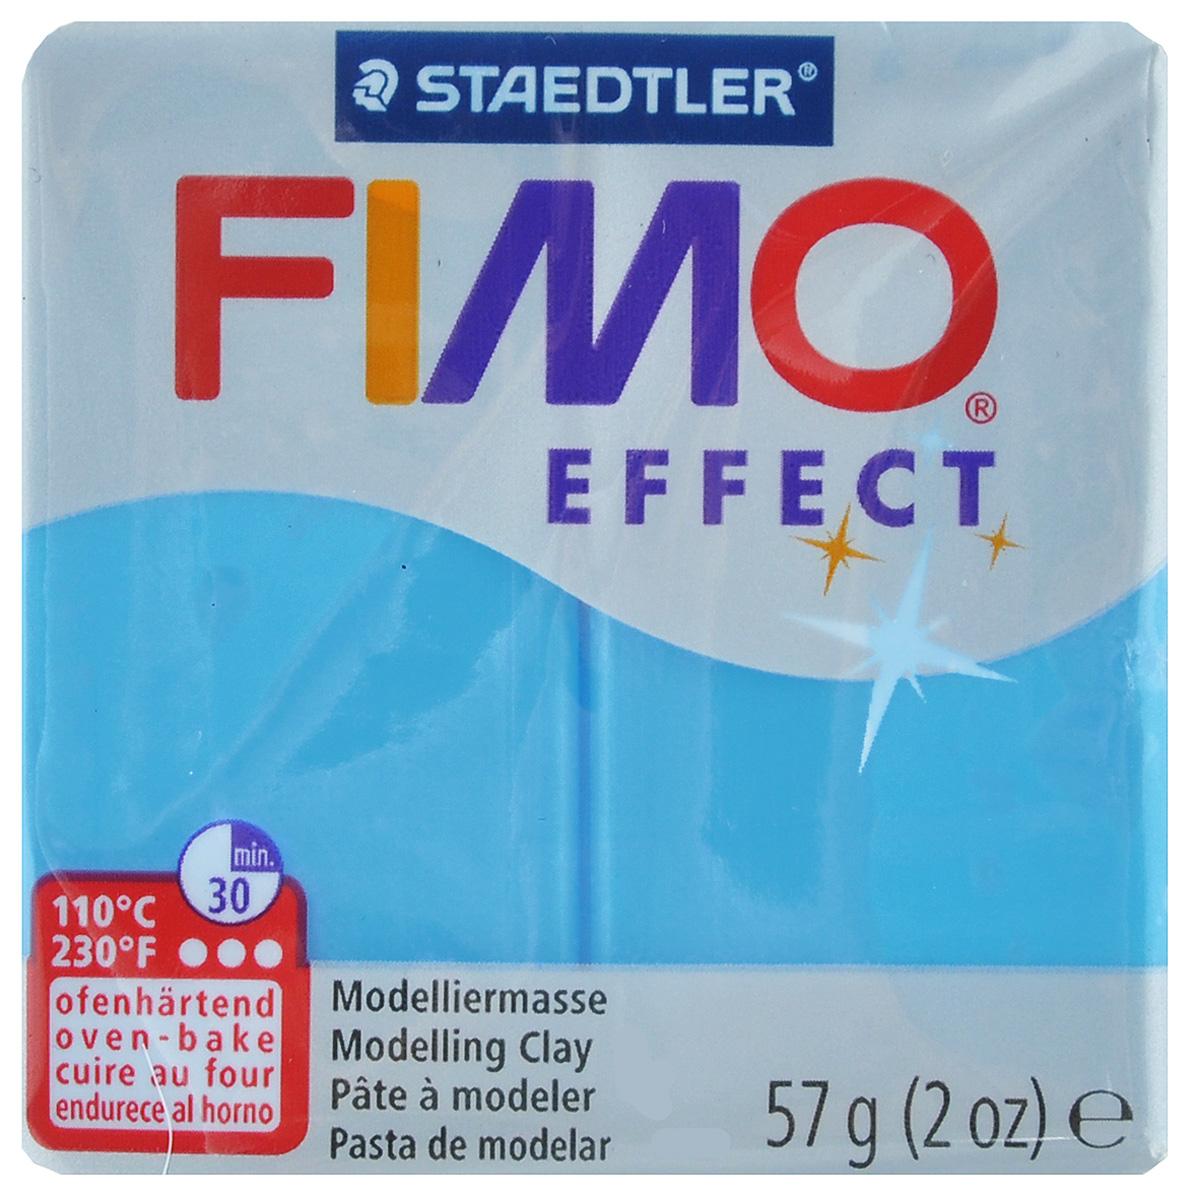 Полимерная глина Fimo Effect, цвет: полупрозрачный синий, 57 г fimo effect полимерная глина 56 гр цвет синий металлик 8020 302